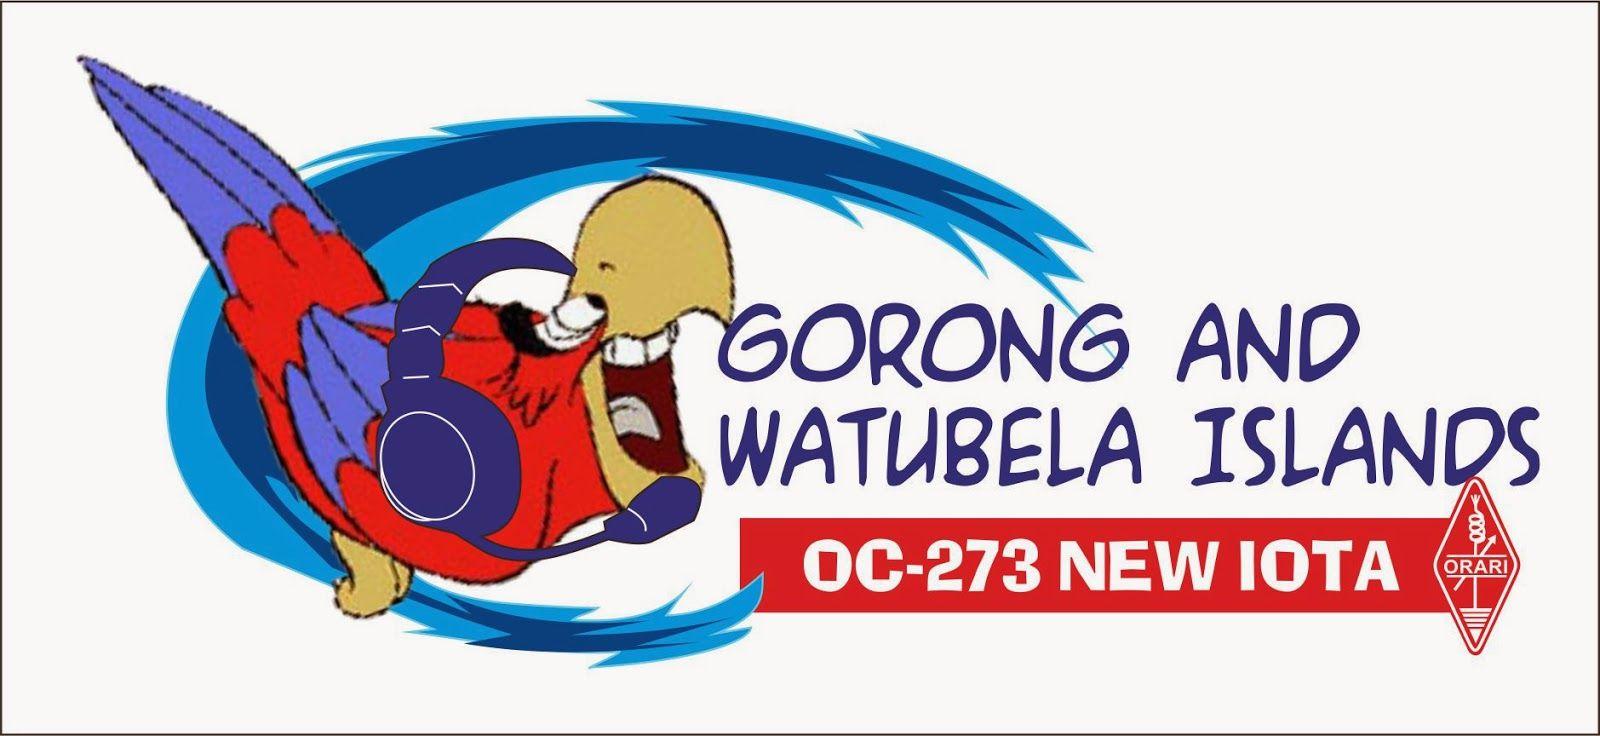 Gorong Archipelago Watubela Islands YF1AR/8 YB0AI/8